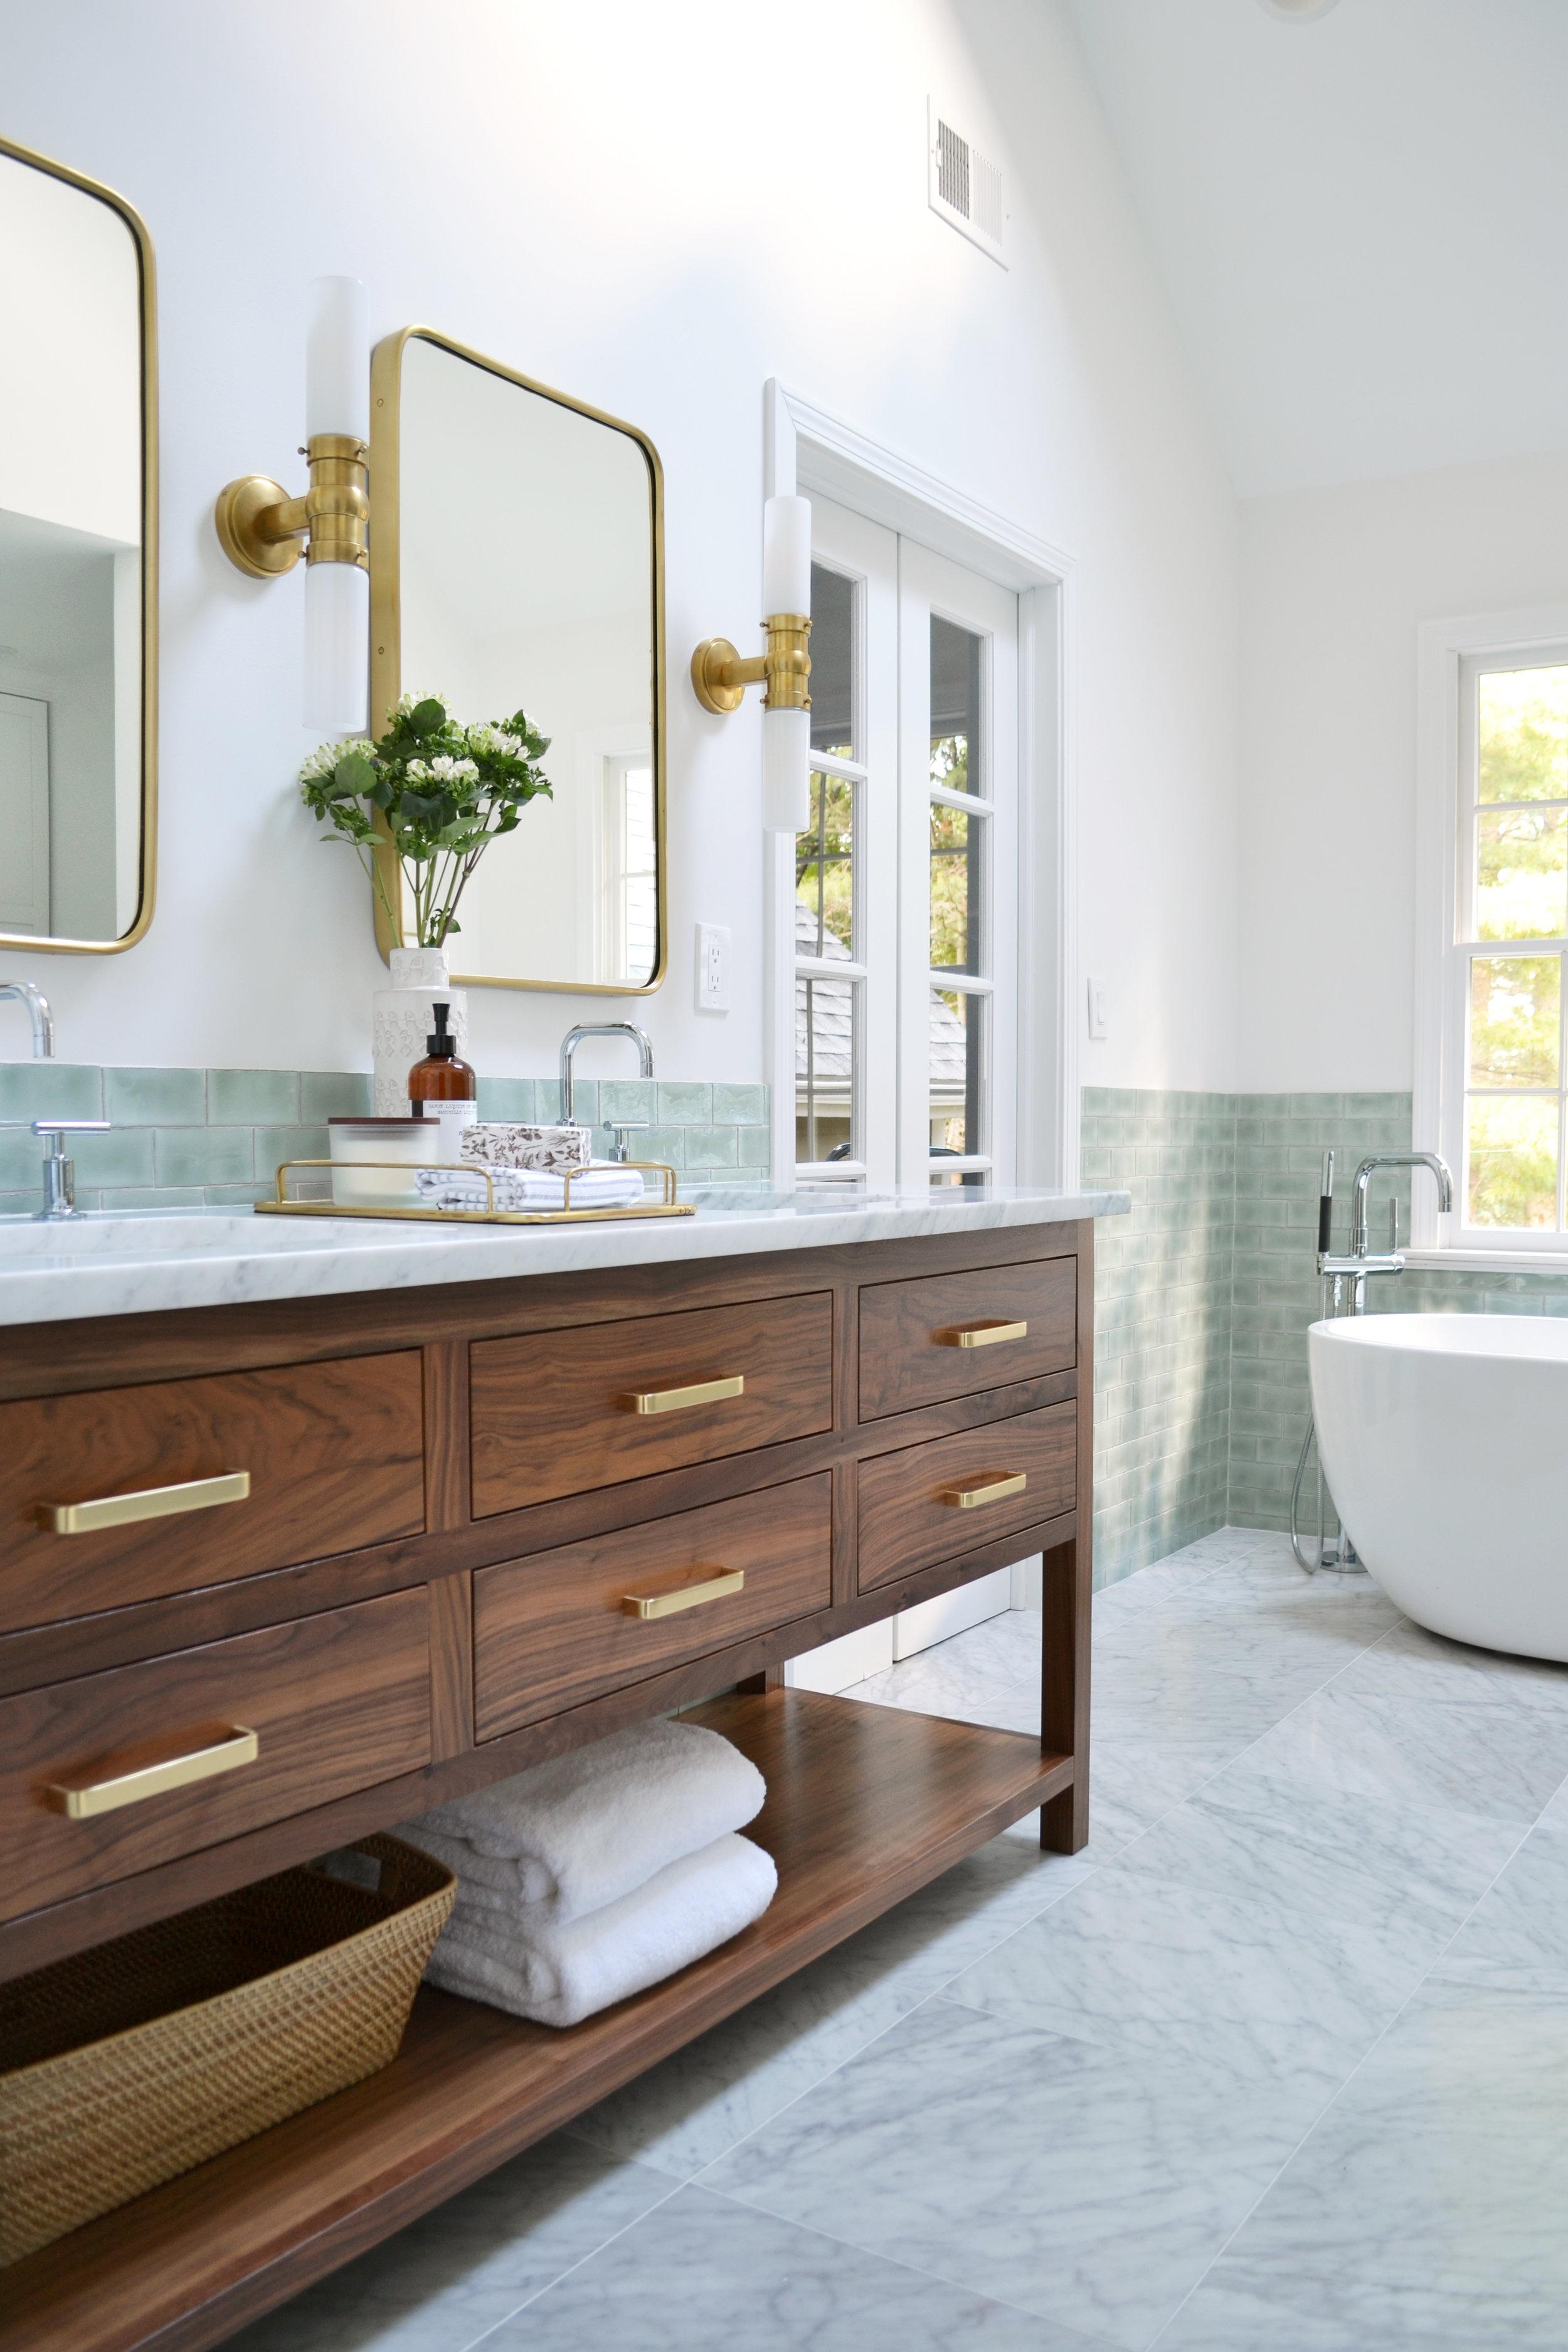 Sarah Drive Baths - Rehabitat